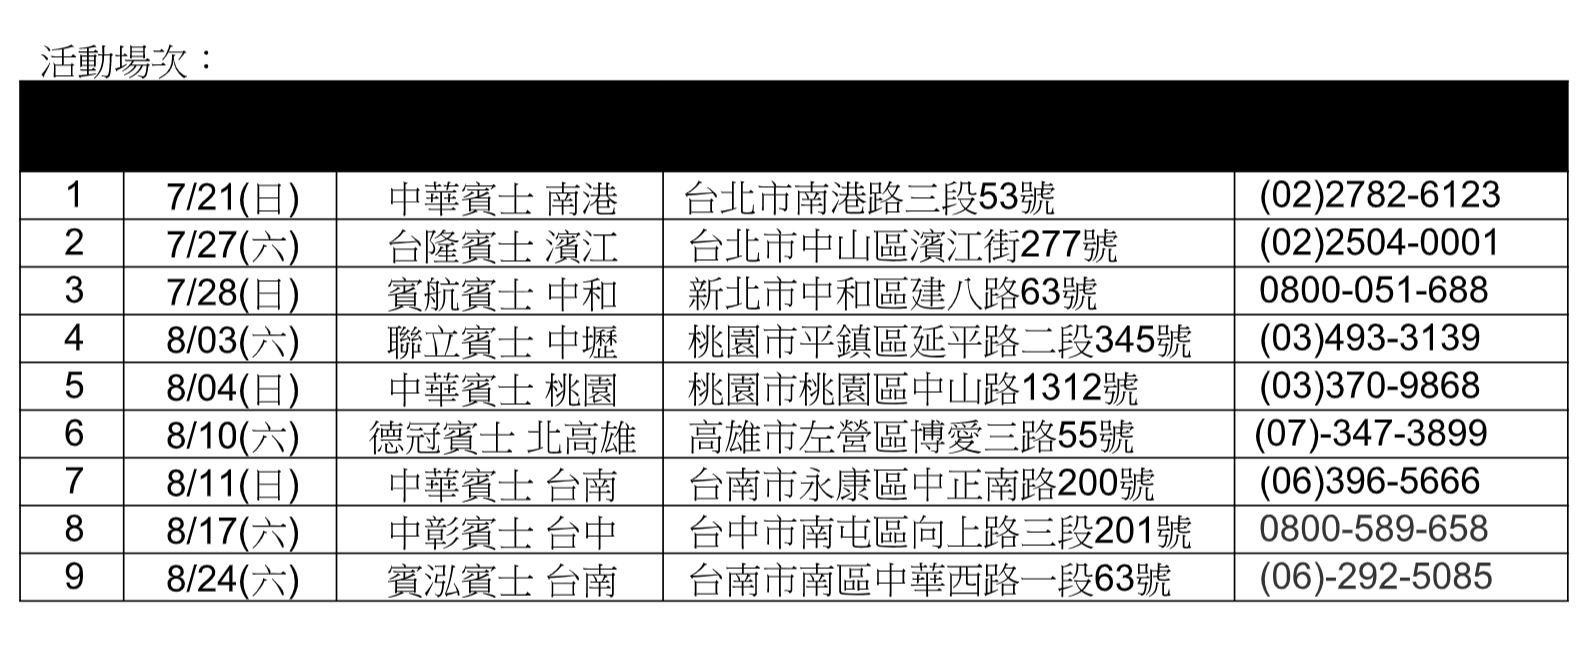 20190717-2.JPG